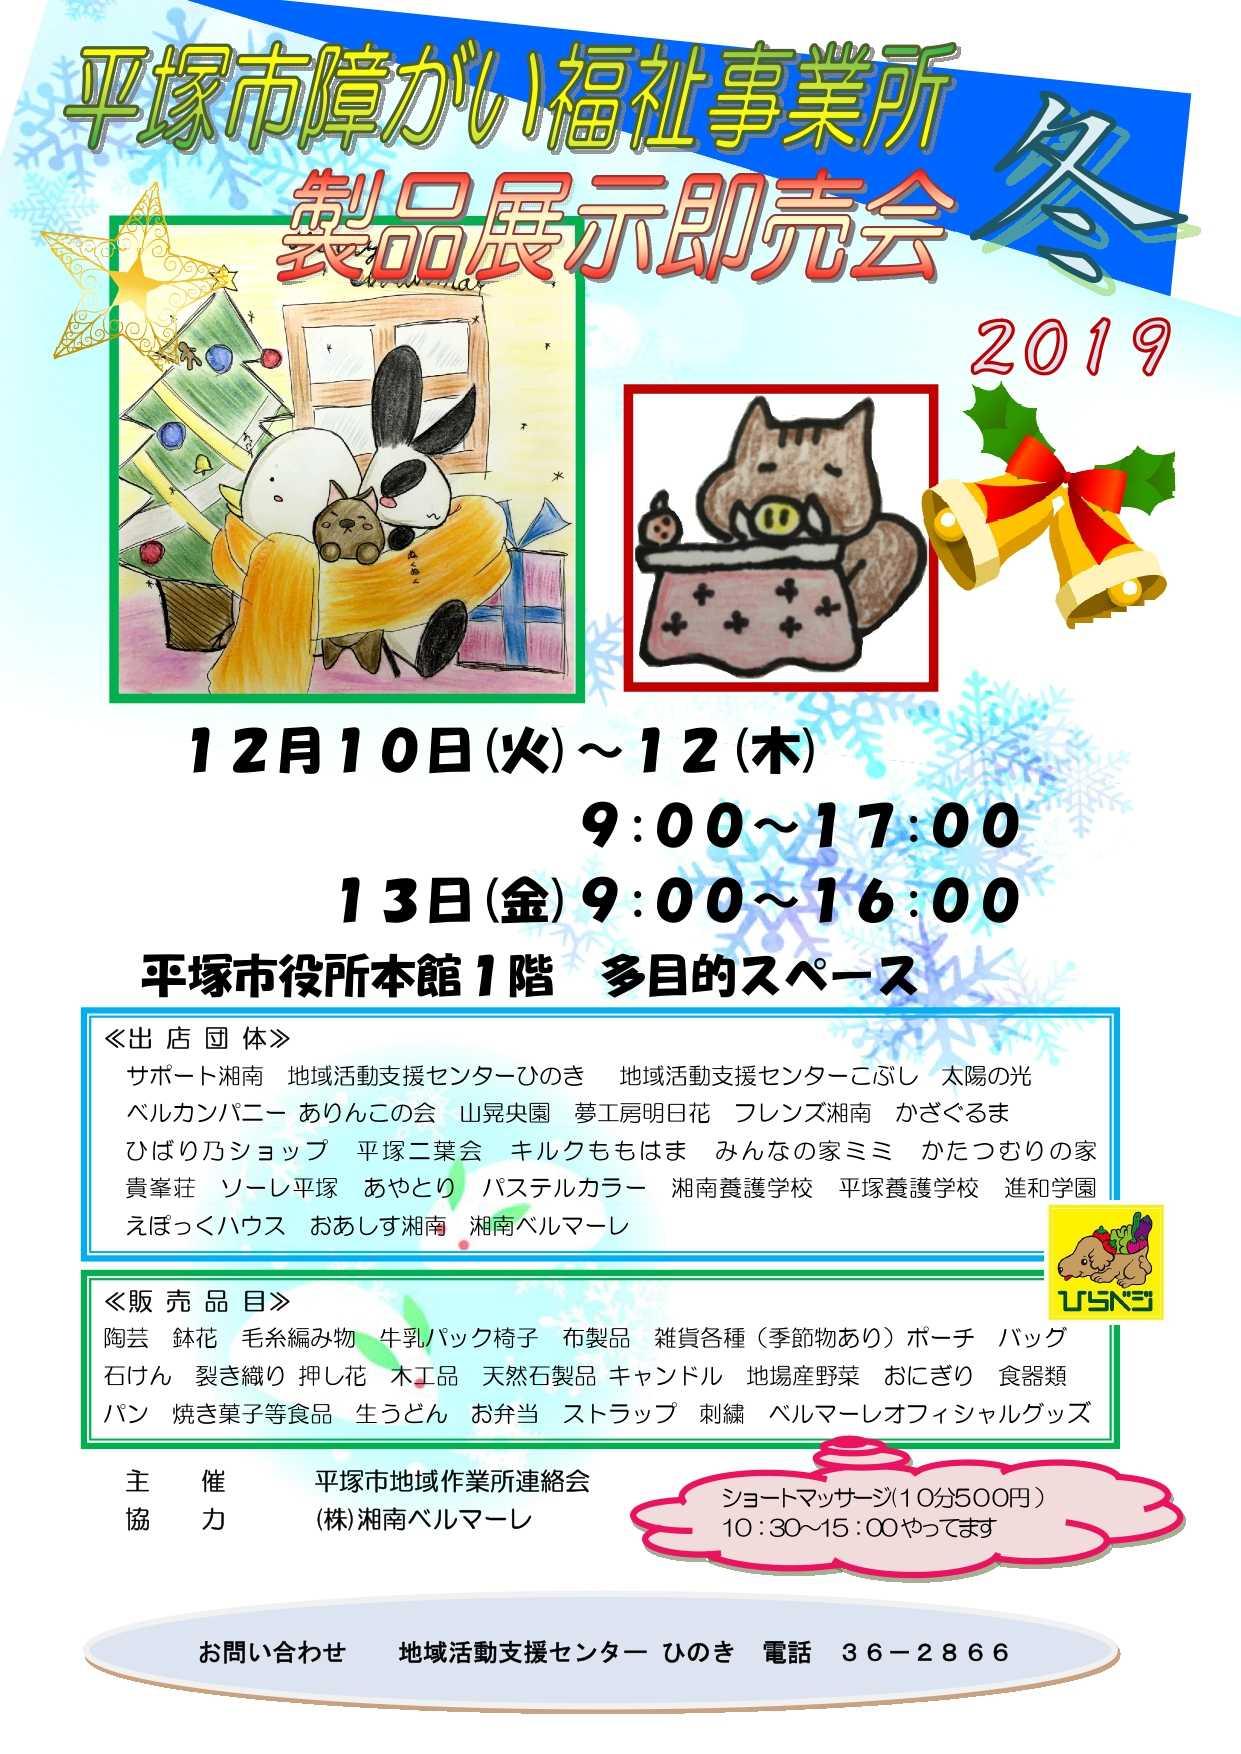 平塚市役所 冬の展示即売会